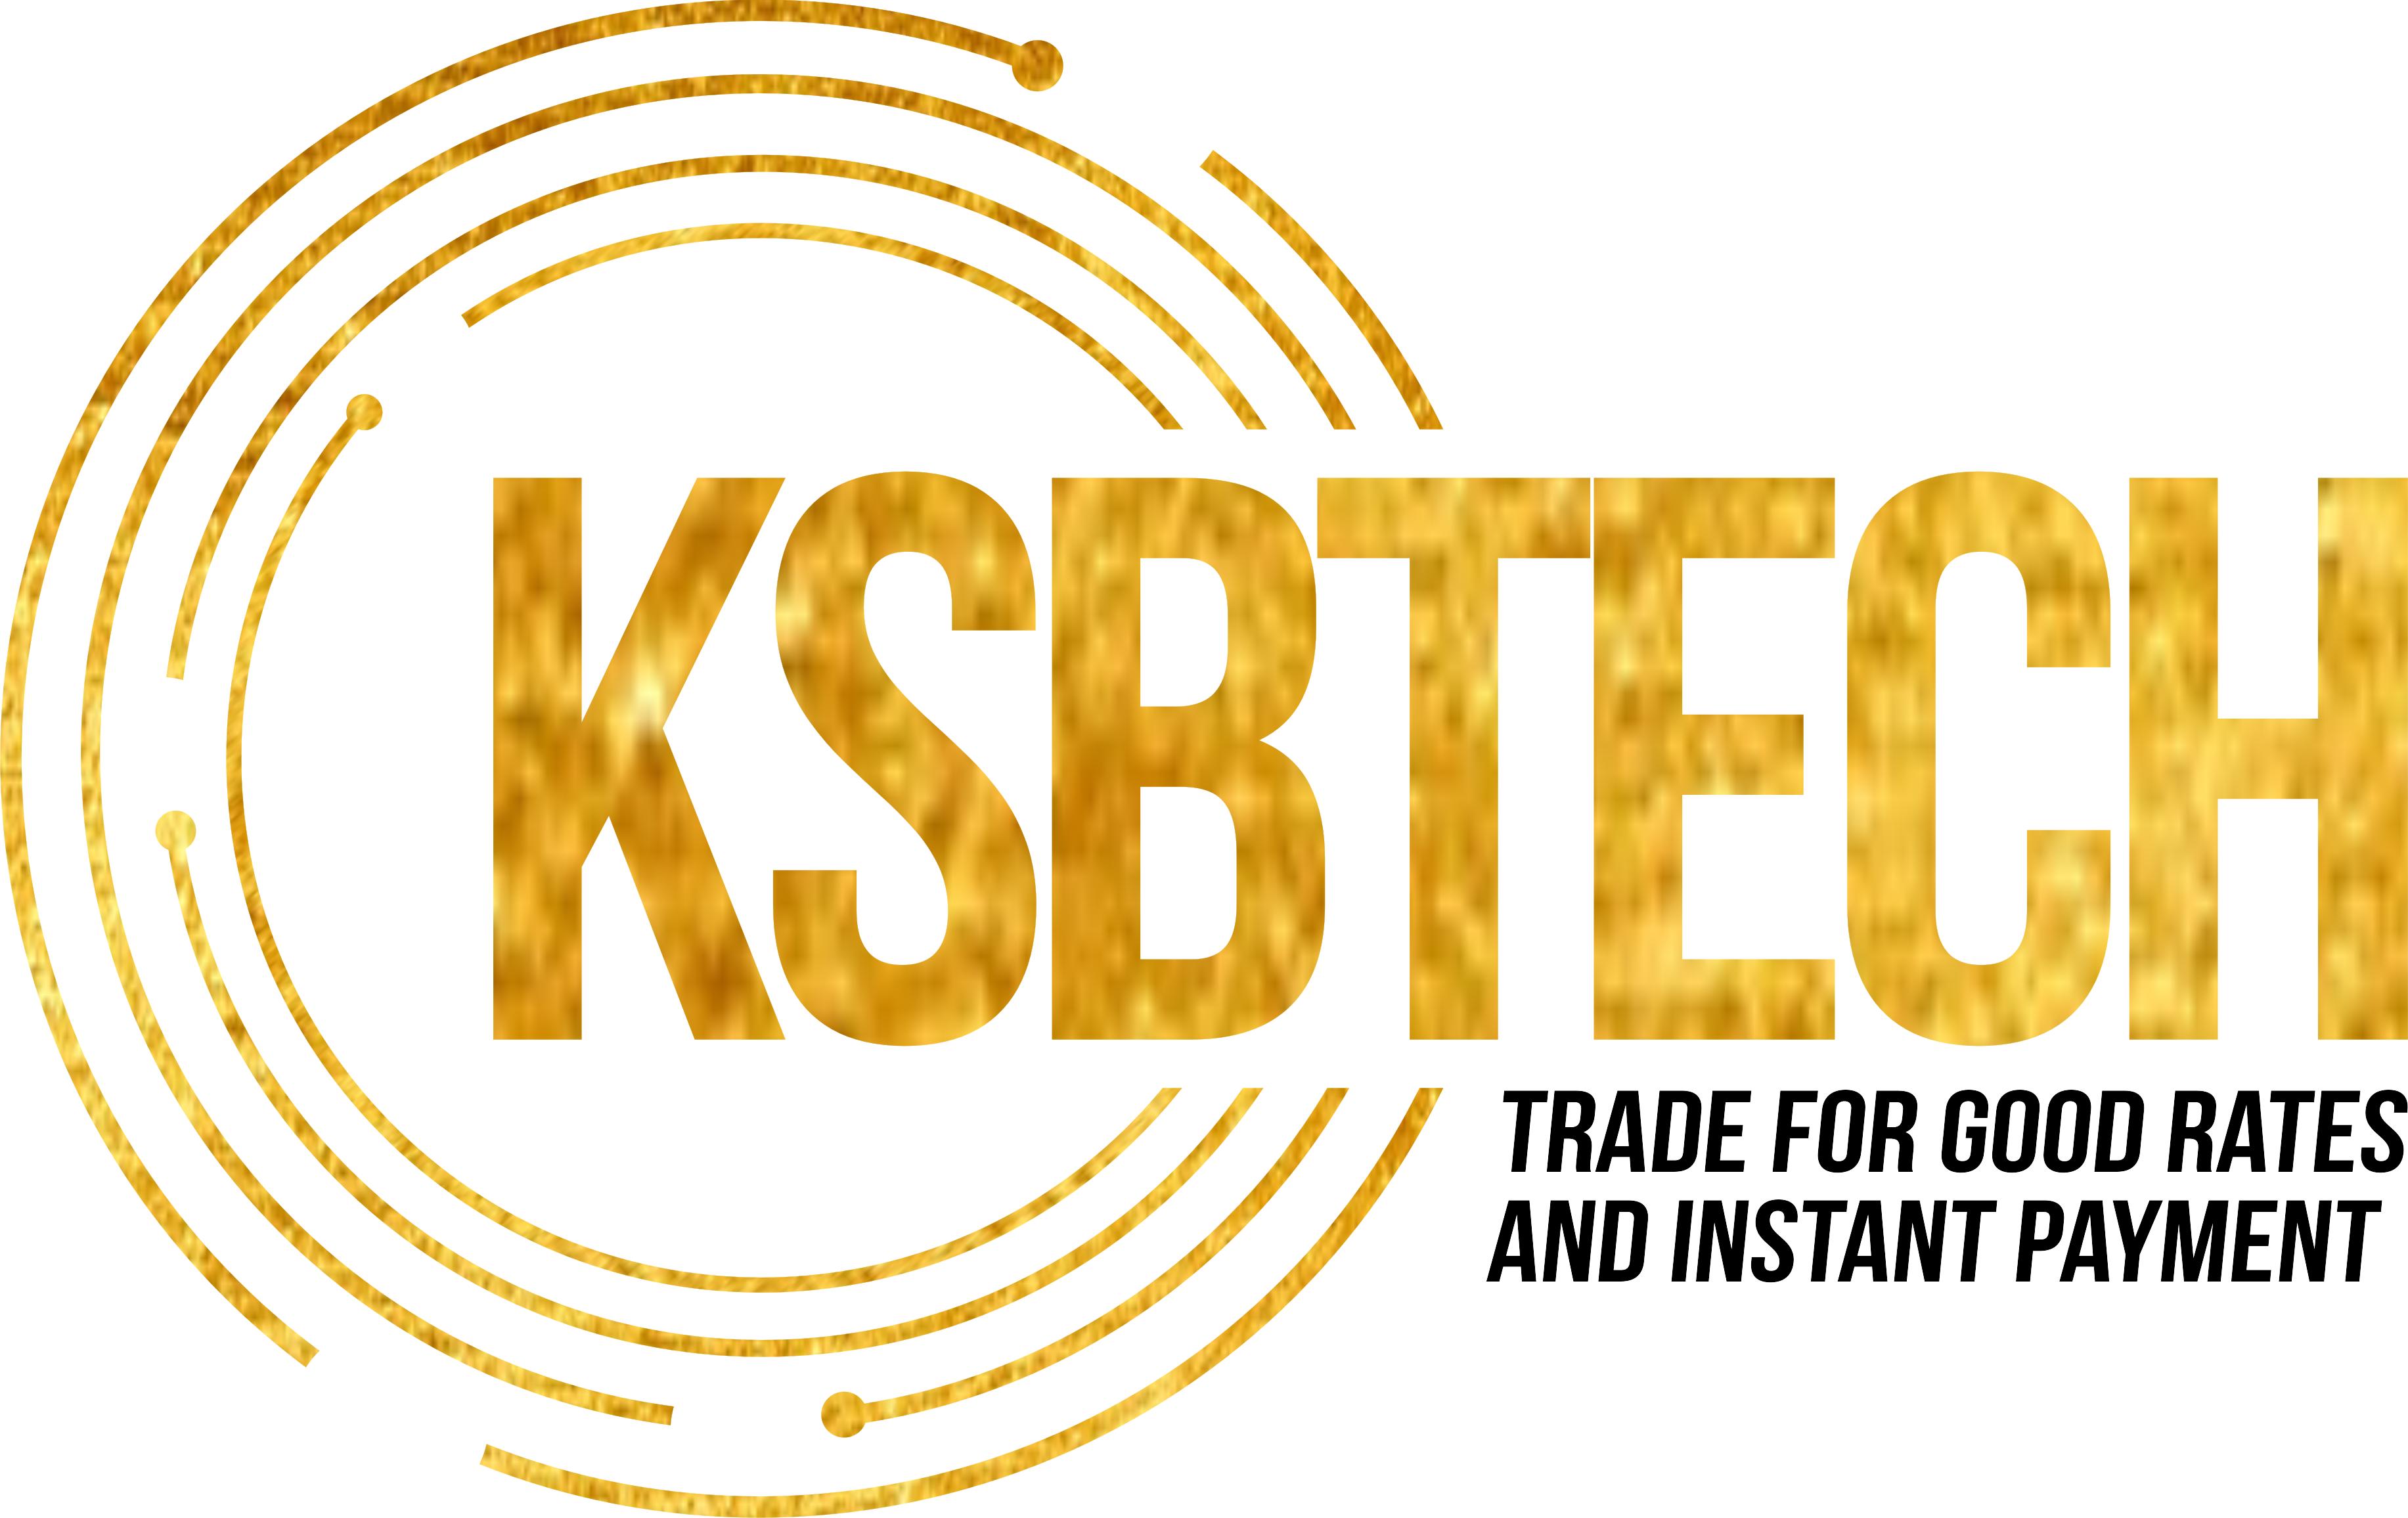 KSB tech logo